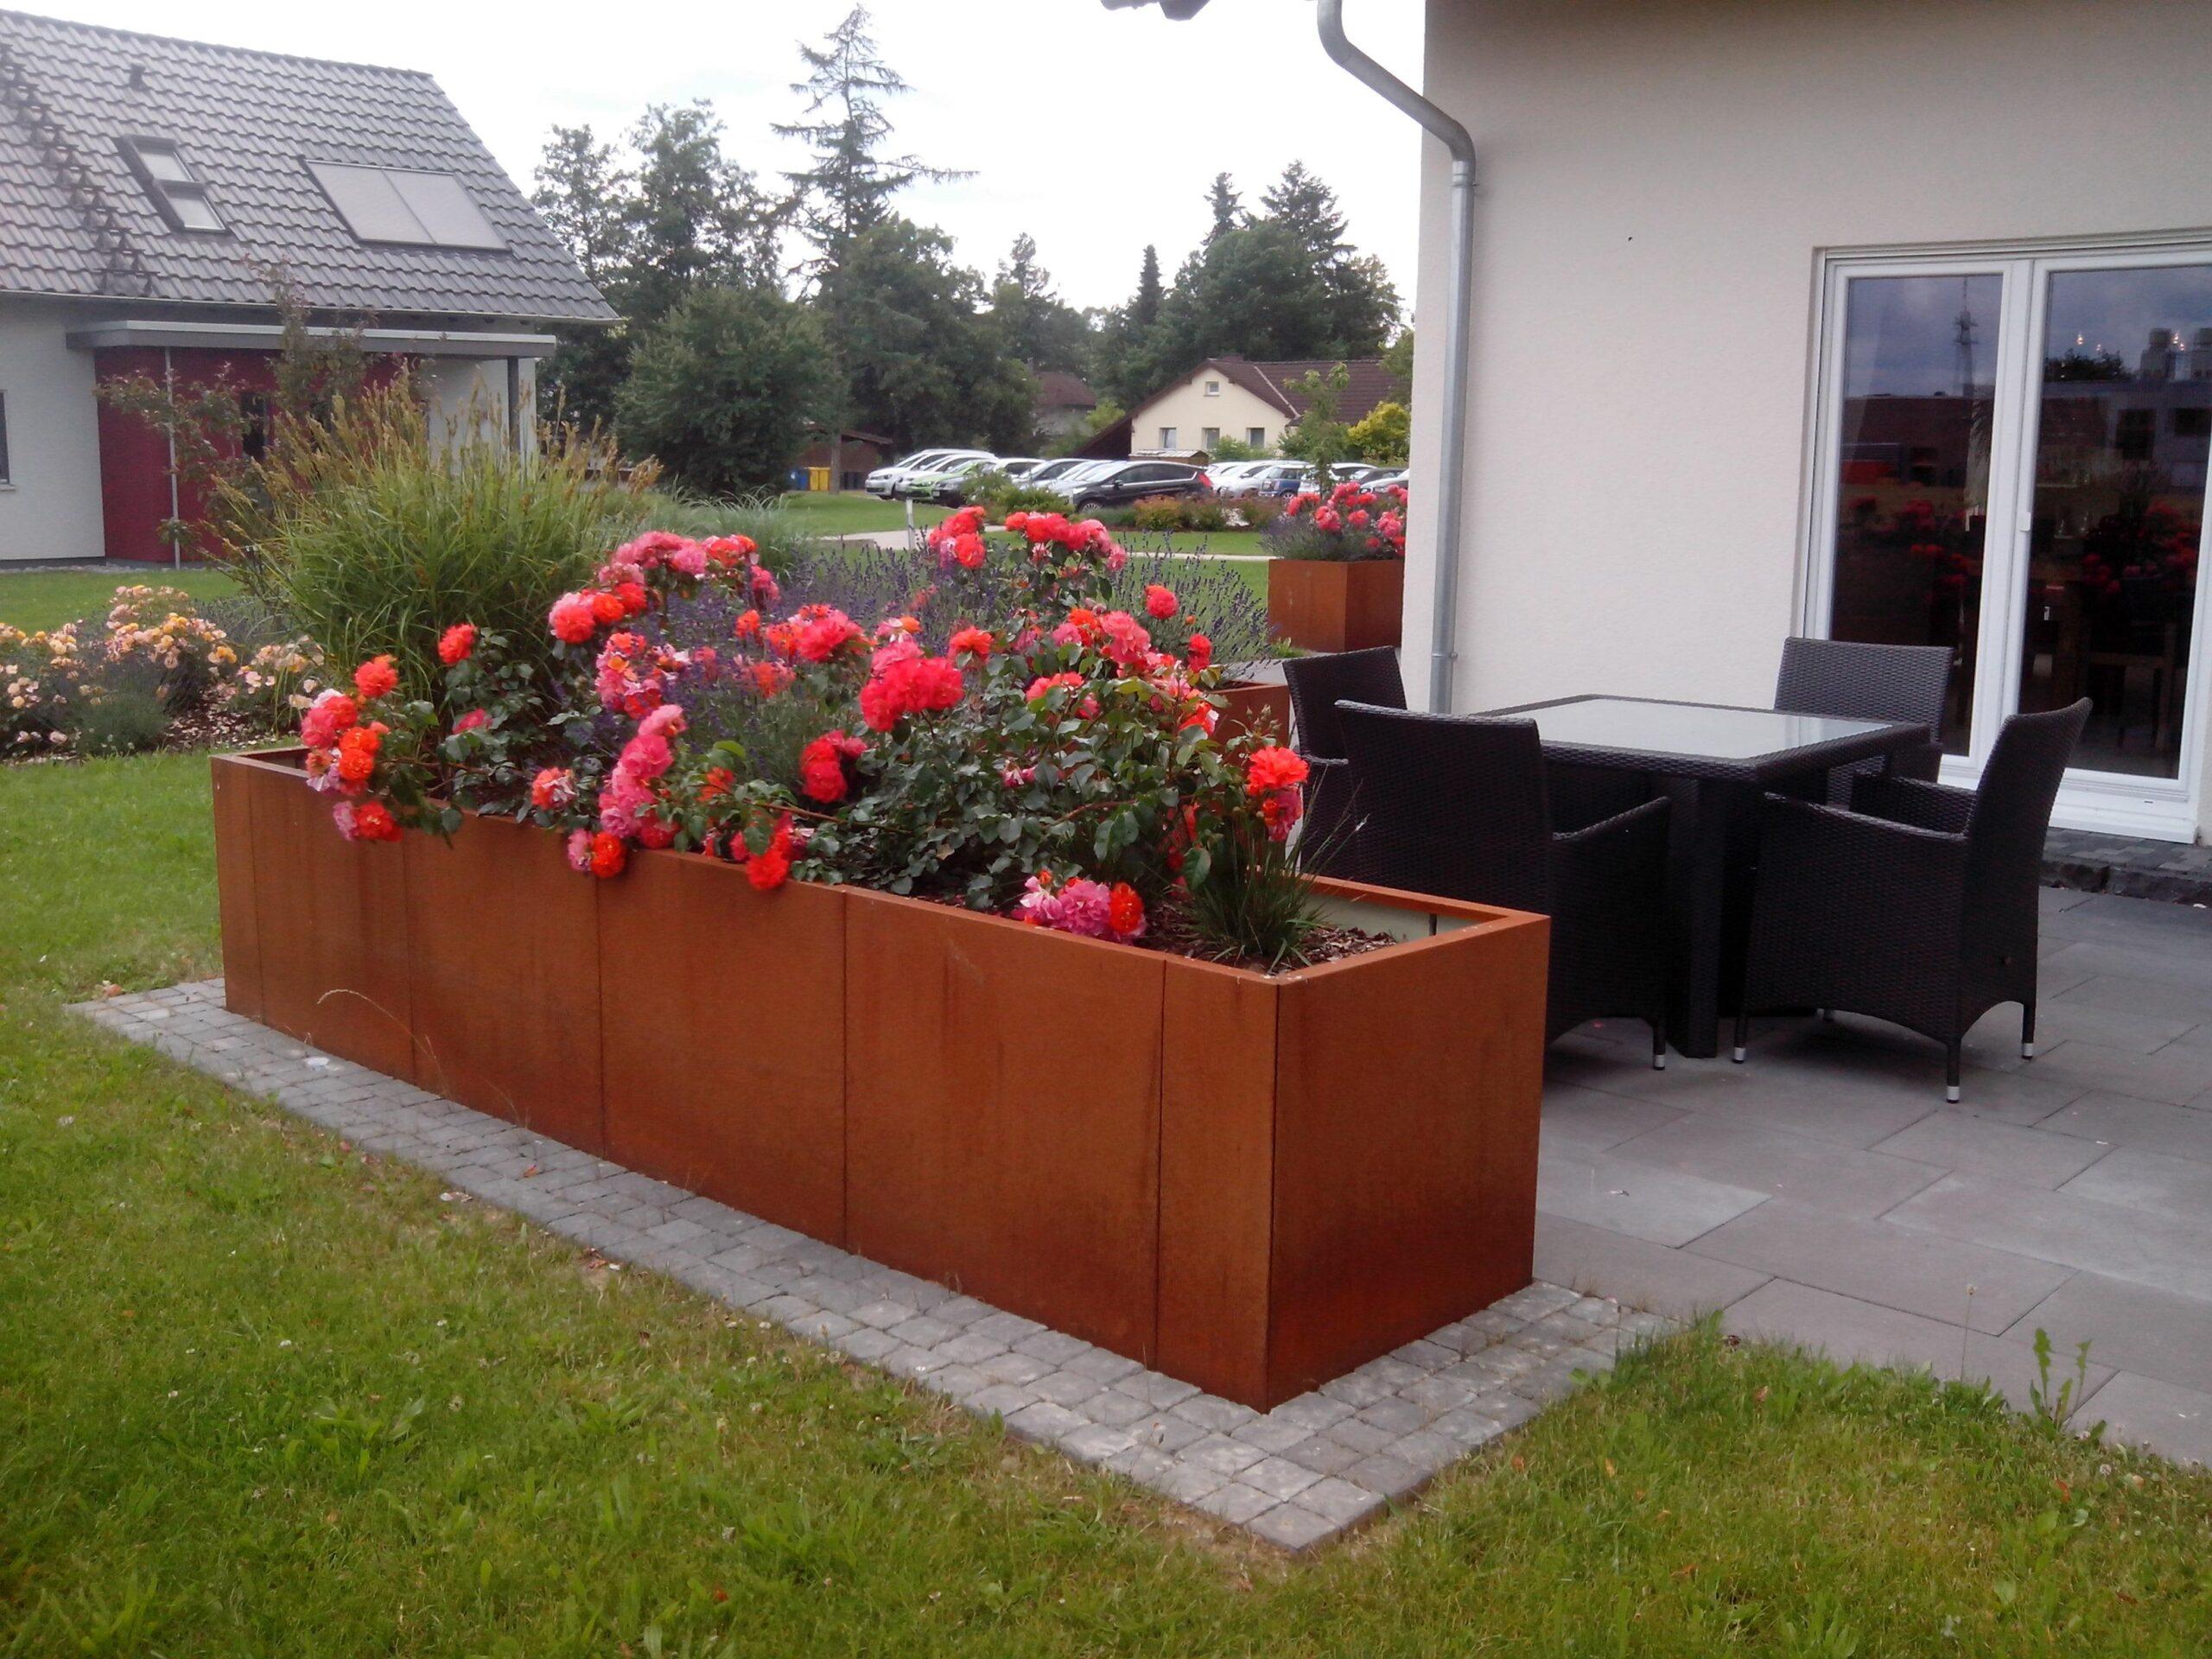 Full Size of Hochbeet Sichtschutz Garten Sichtschutzfolie Fenster Einseitig Durchsichtig Holz Für Im Sichtschutzfolien Wpc Wohnzimmer Hochbeet Sichtschutz